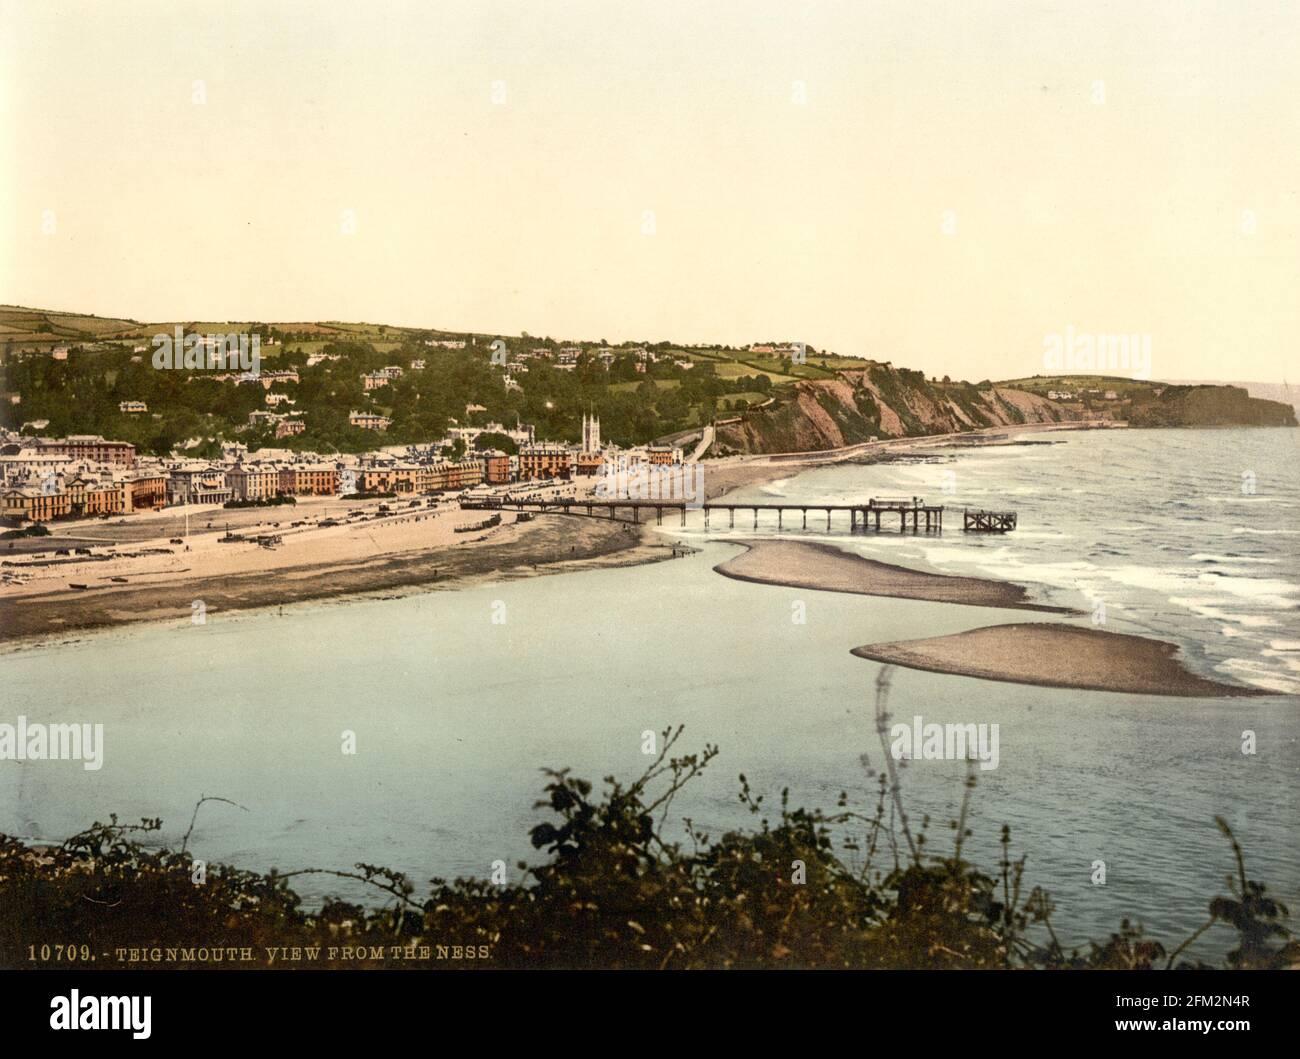 Front de mer de Teignmouth vu de la Ness, Devon vers 1890-1900 Banque D'Images